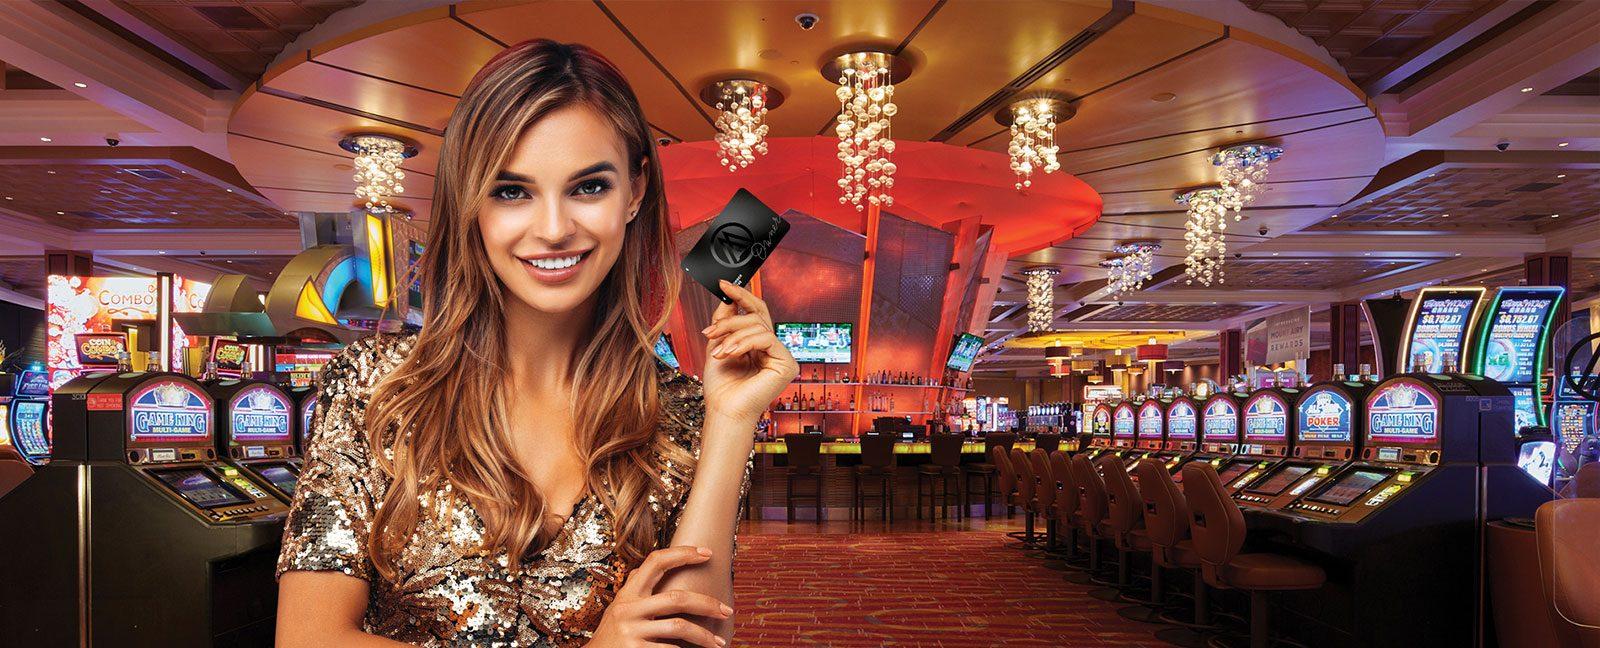 poconos casino players card slots reward